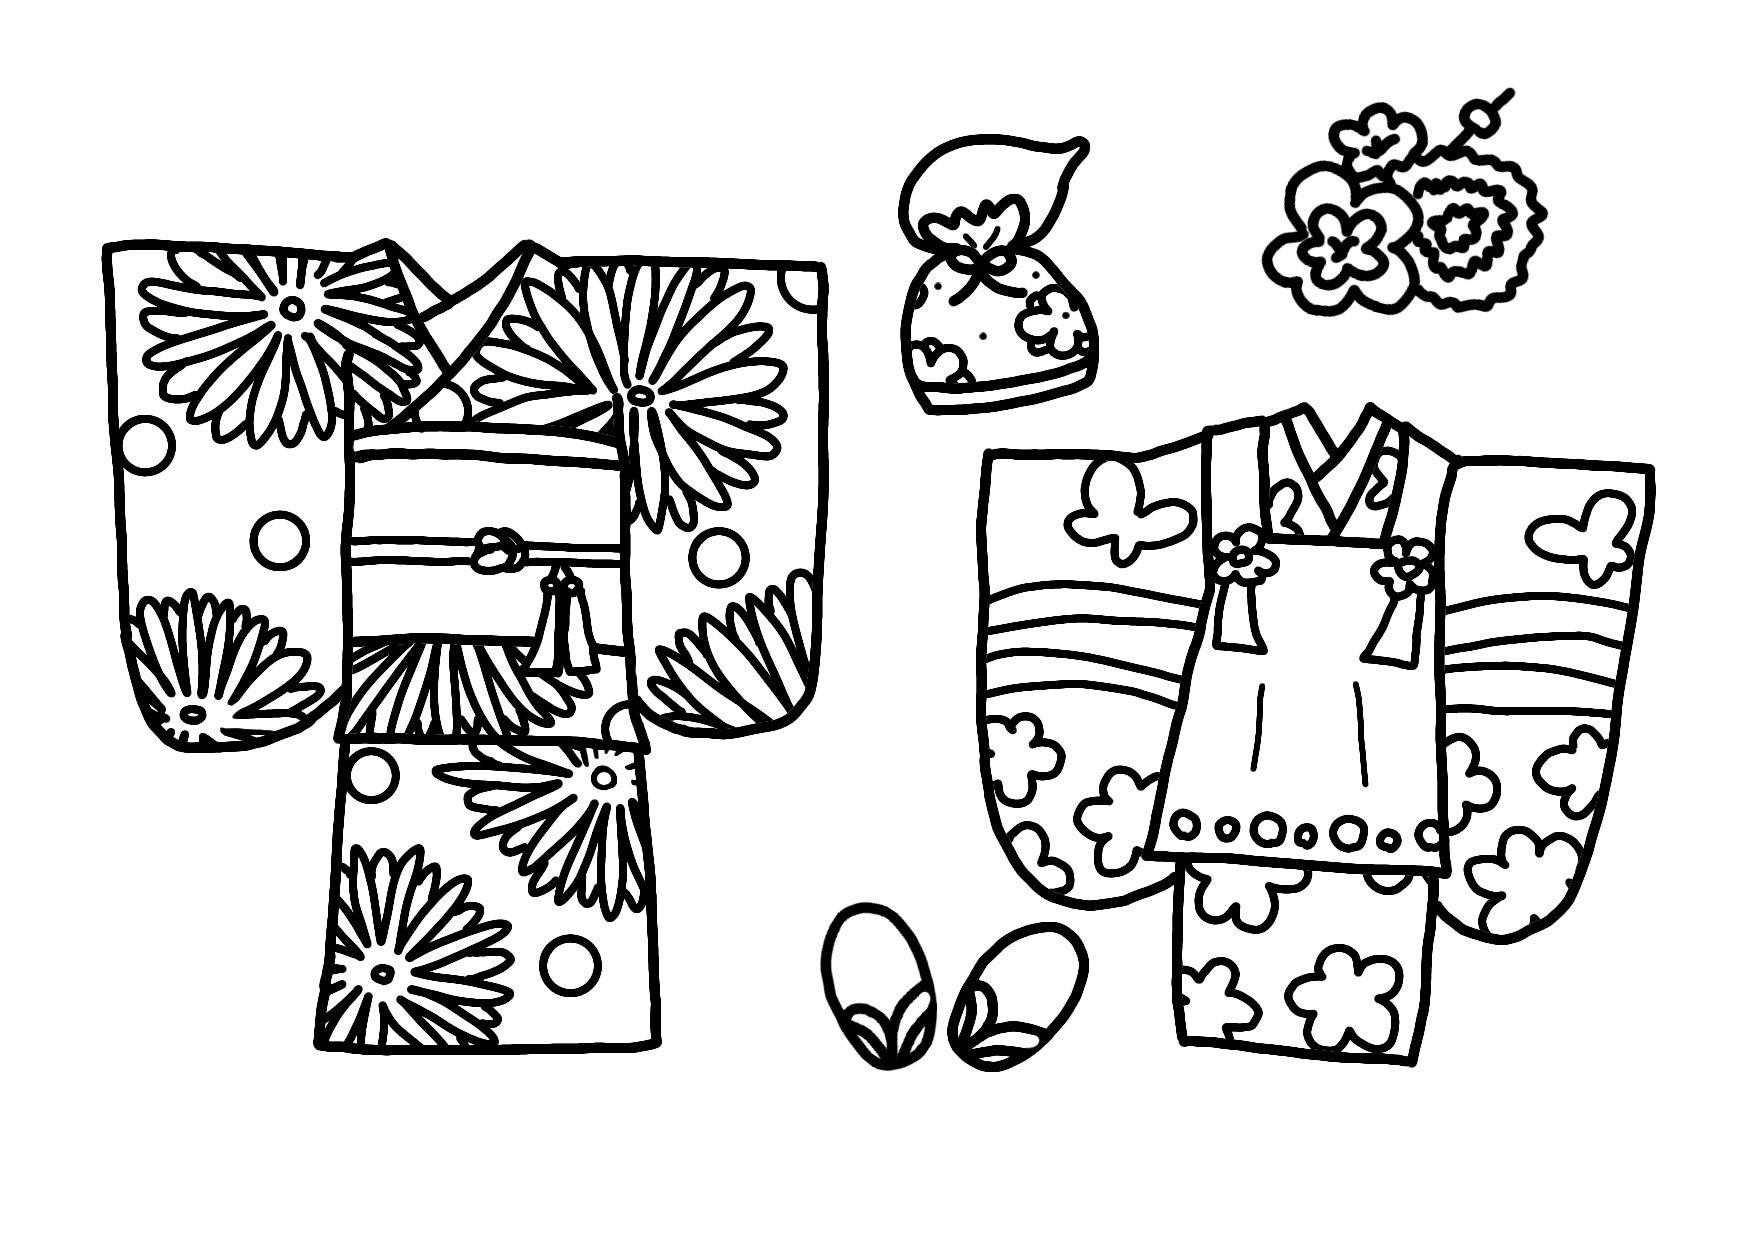 11月の無料ぬりえ焼き芋落ち葉造形展七五三千歳飴保育園や